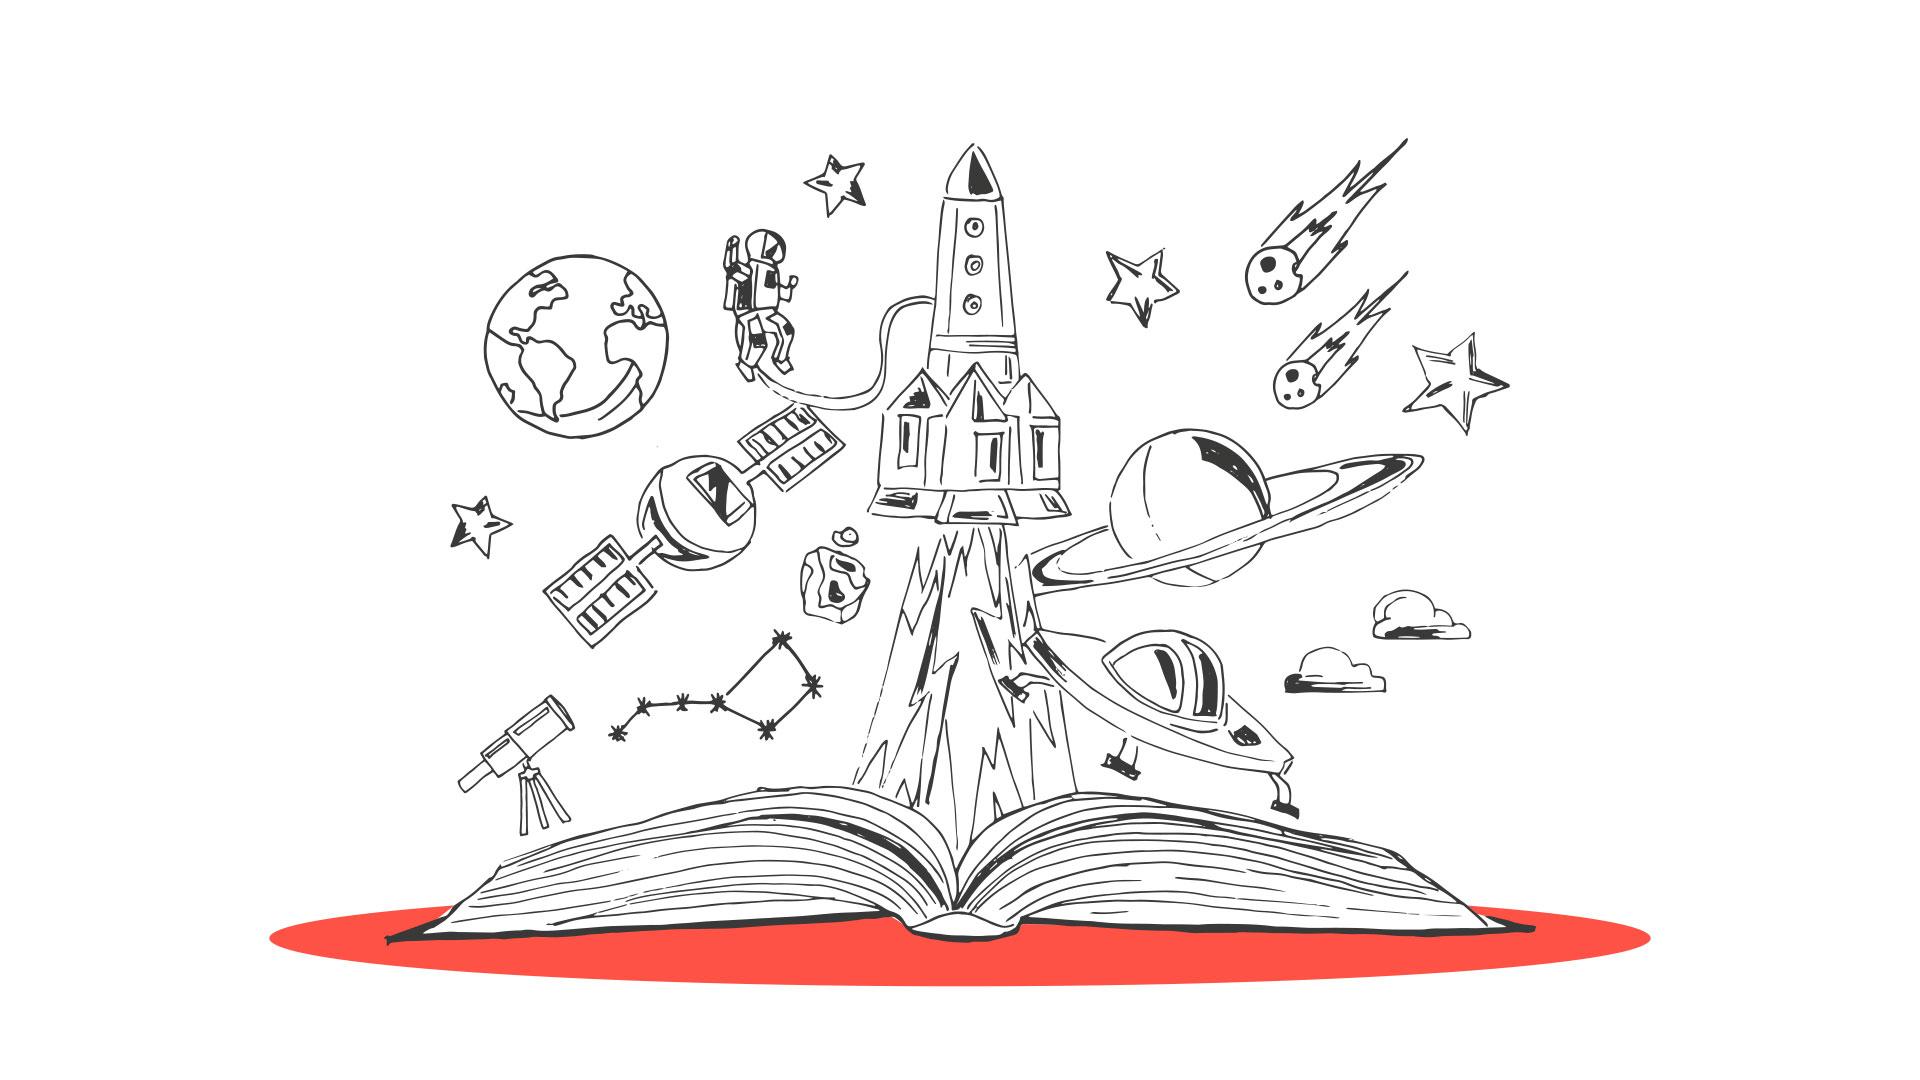 Aus einem Buch fliegen Zeichnungen